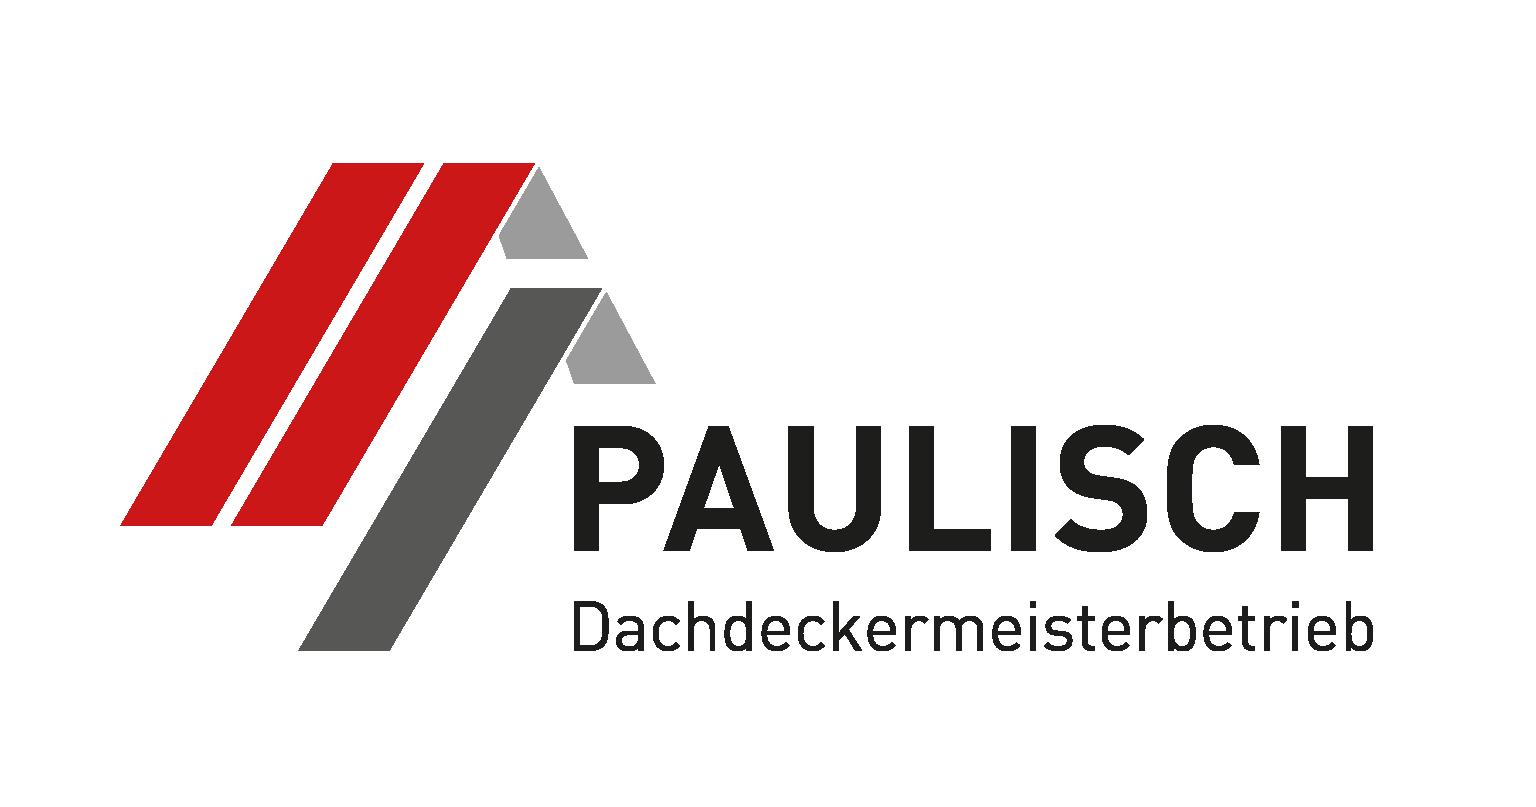 Dachdeckermeister Paulisch